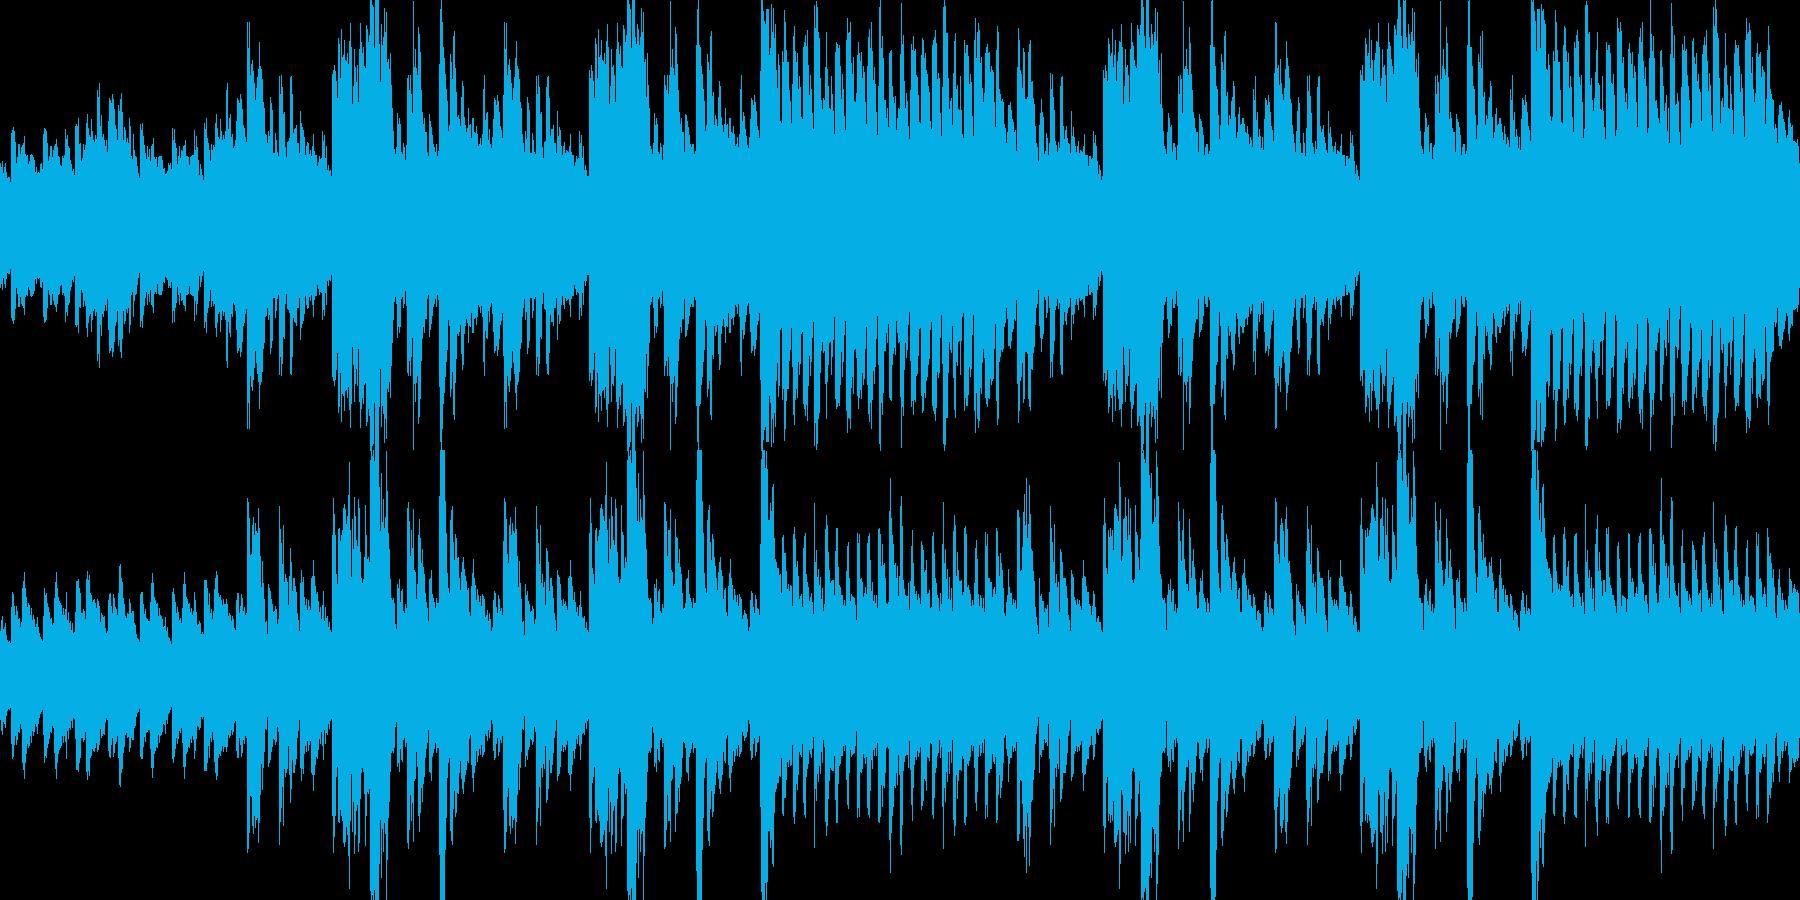 流れるようなシンプルな旋律のピアノソロの再生済みの波形